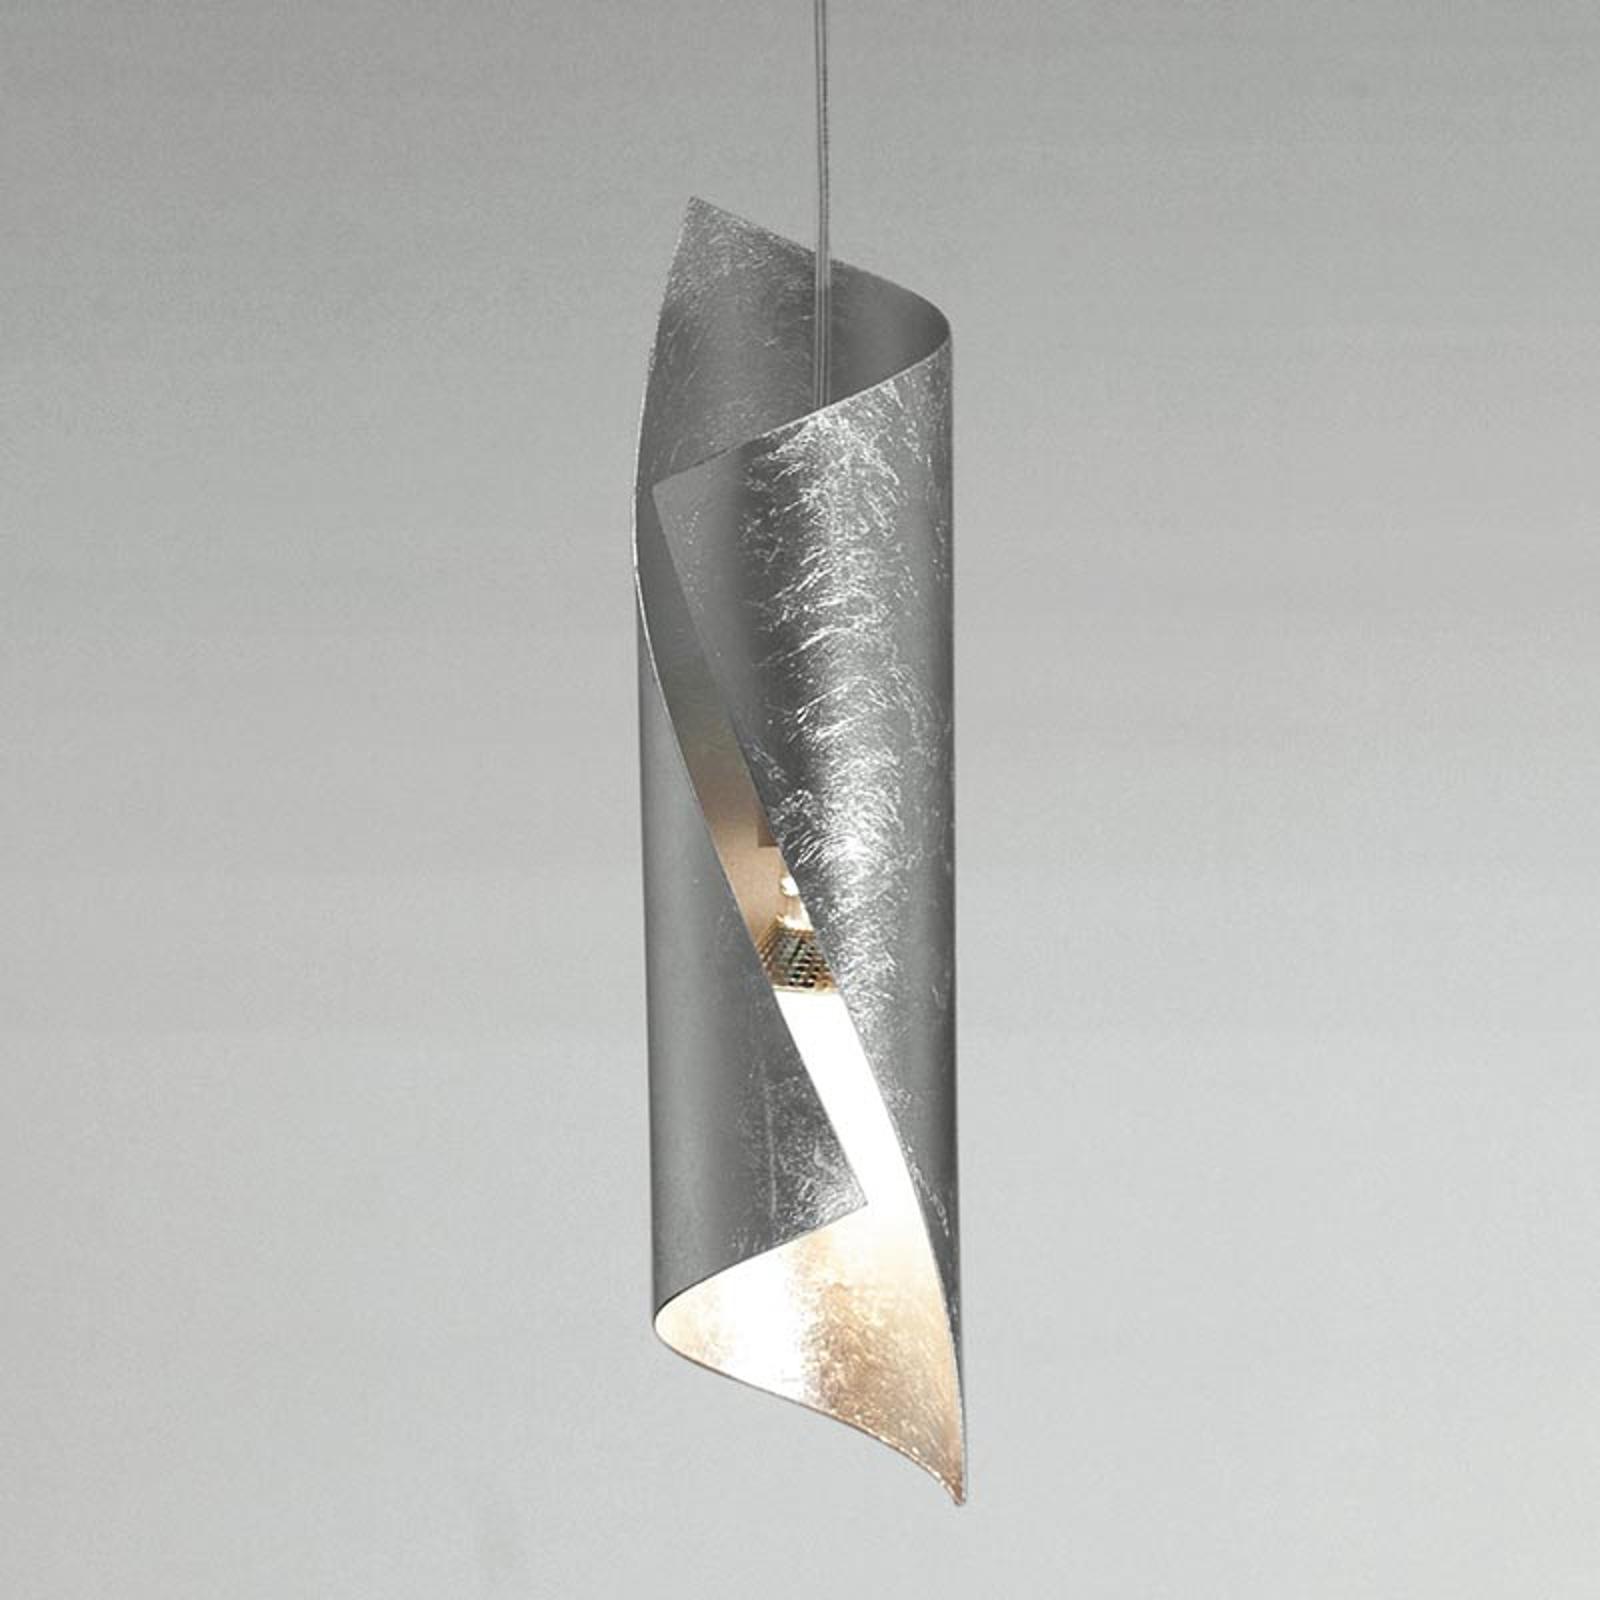 Drejet hængelampe Hué i sølv, en lyskilde